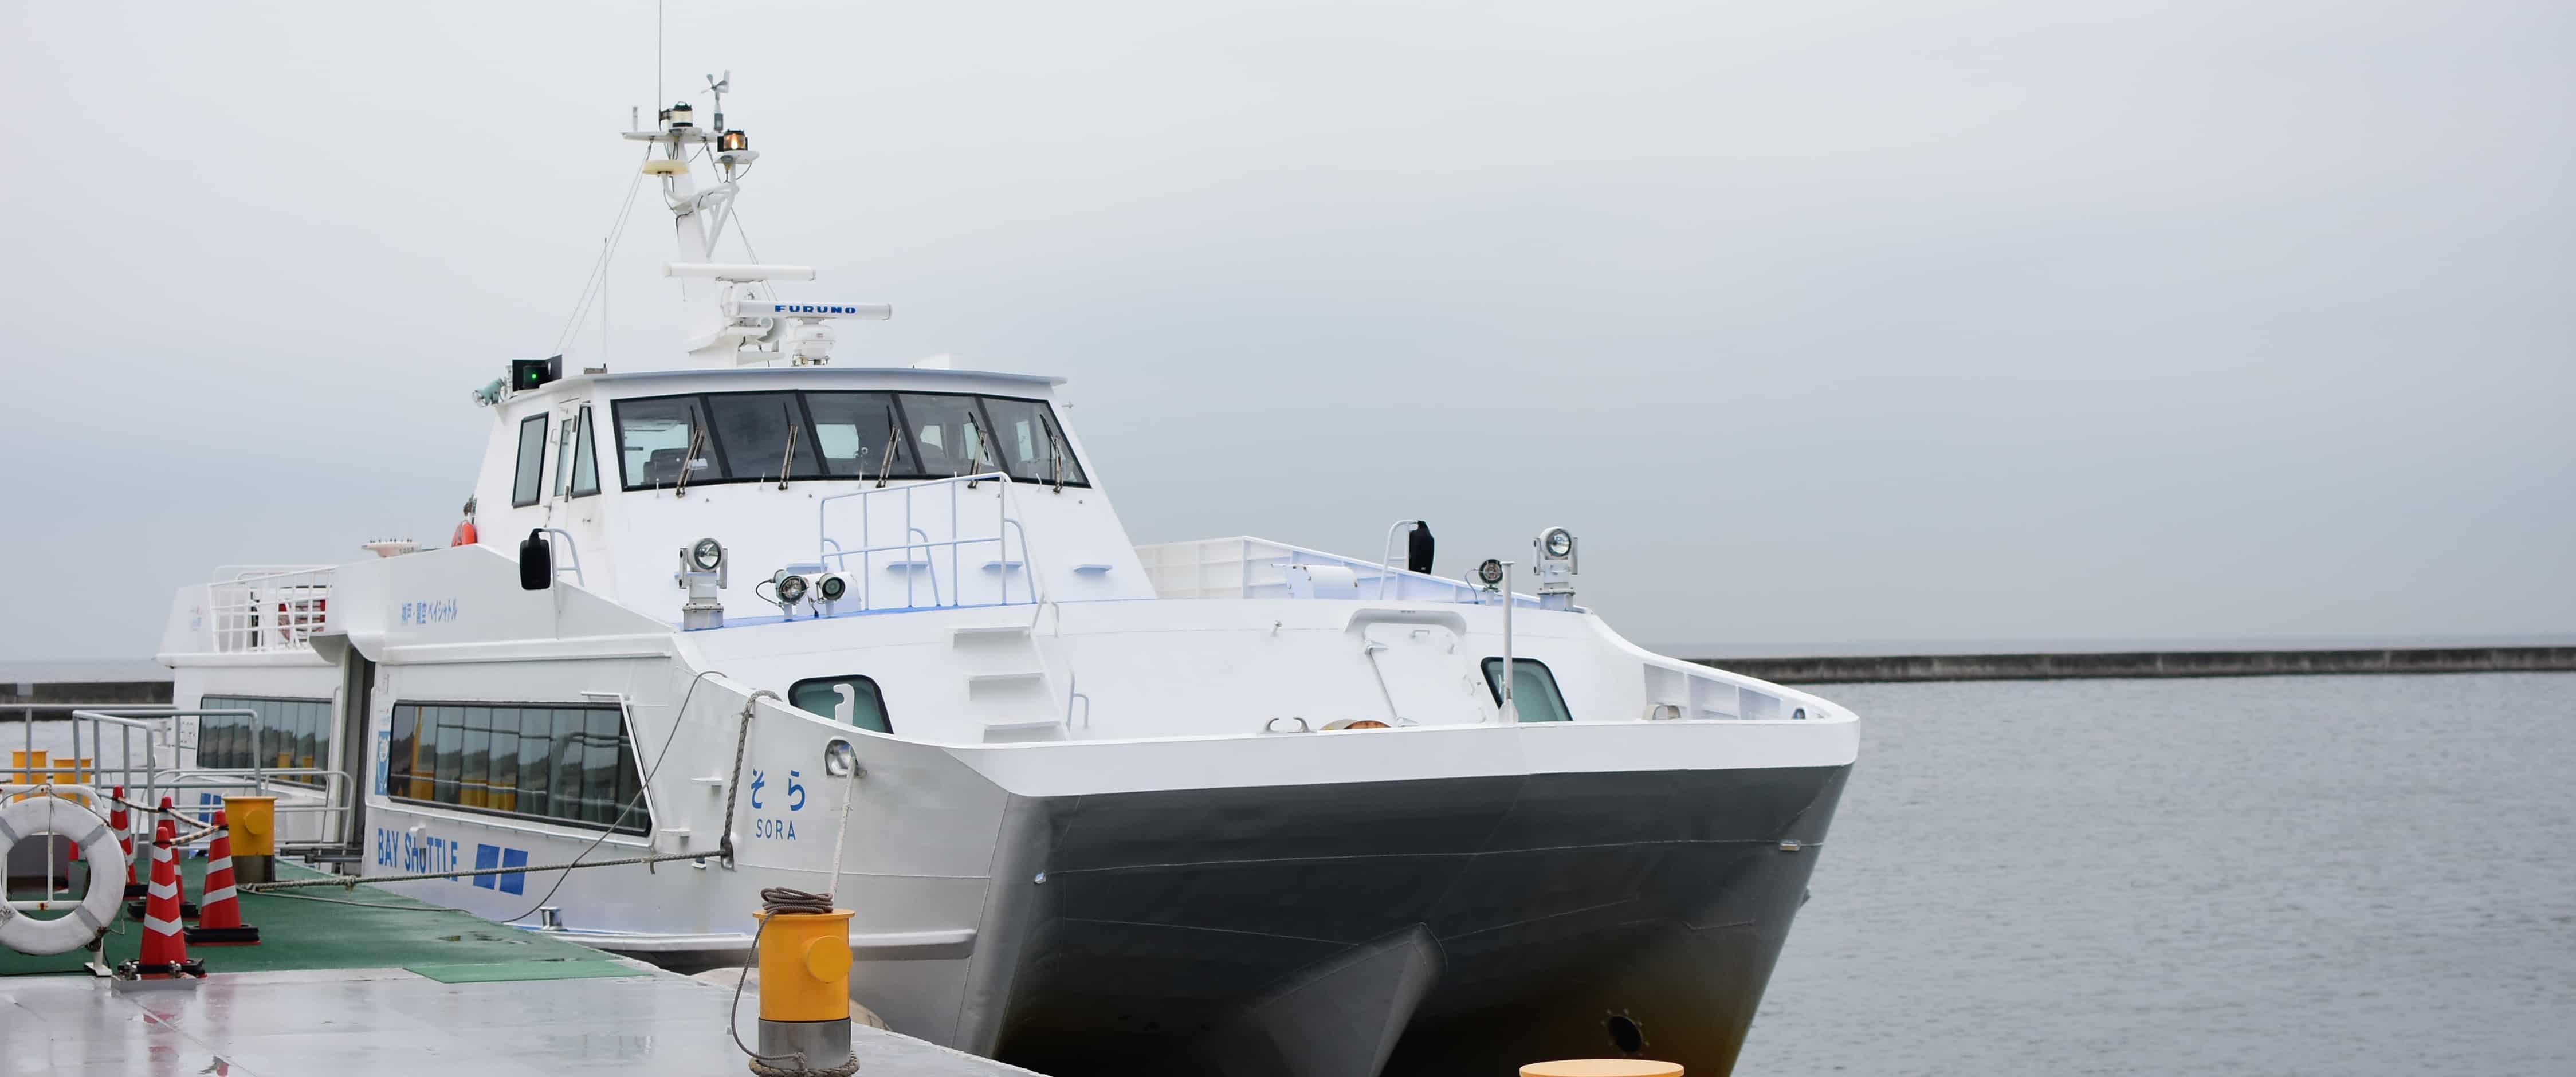 京阪神之旅!大阪關西機場KIX超平¥500坐船過神戶